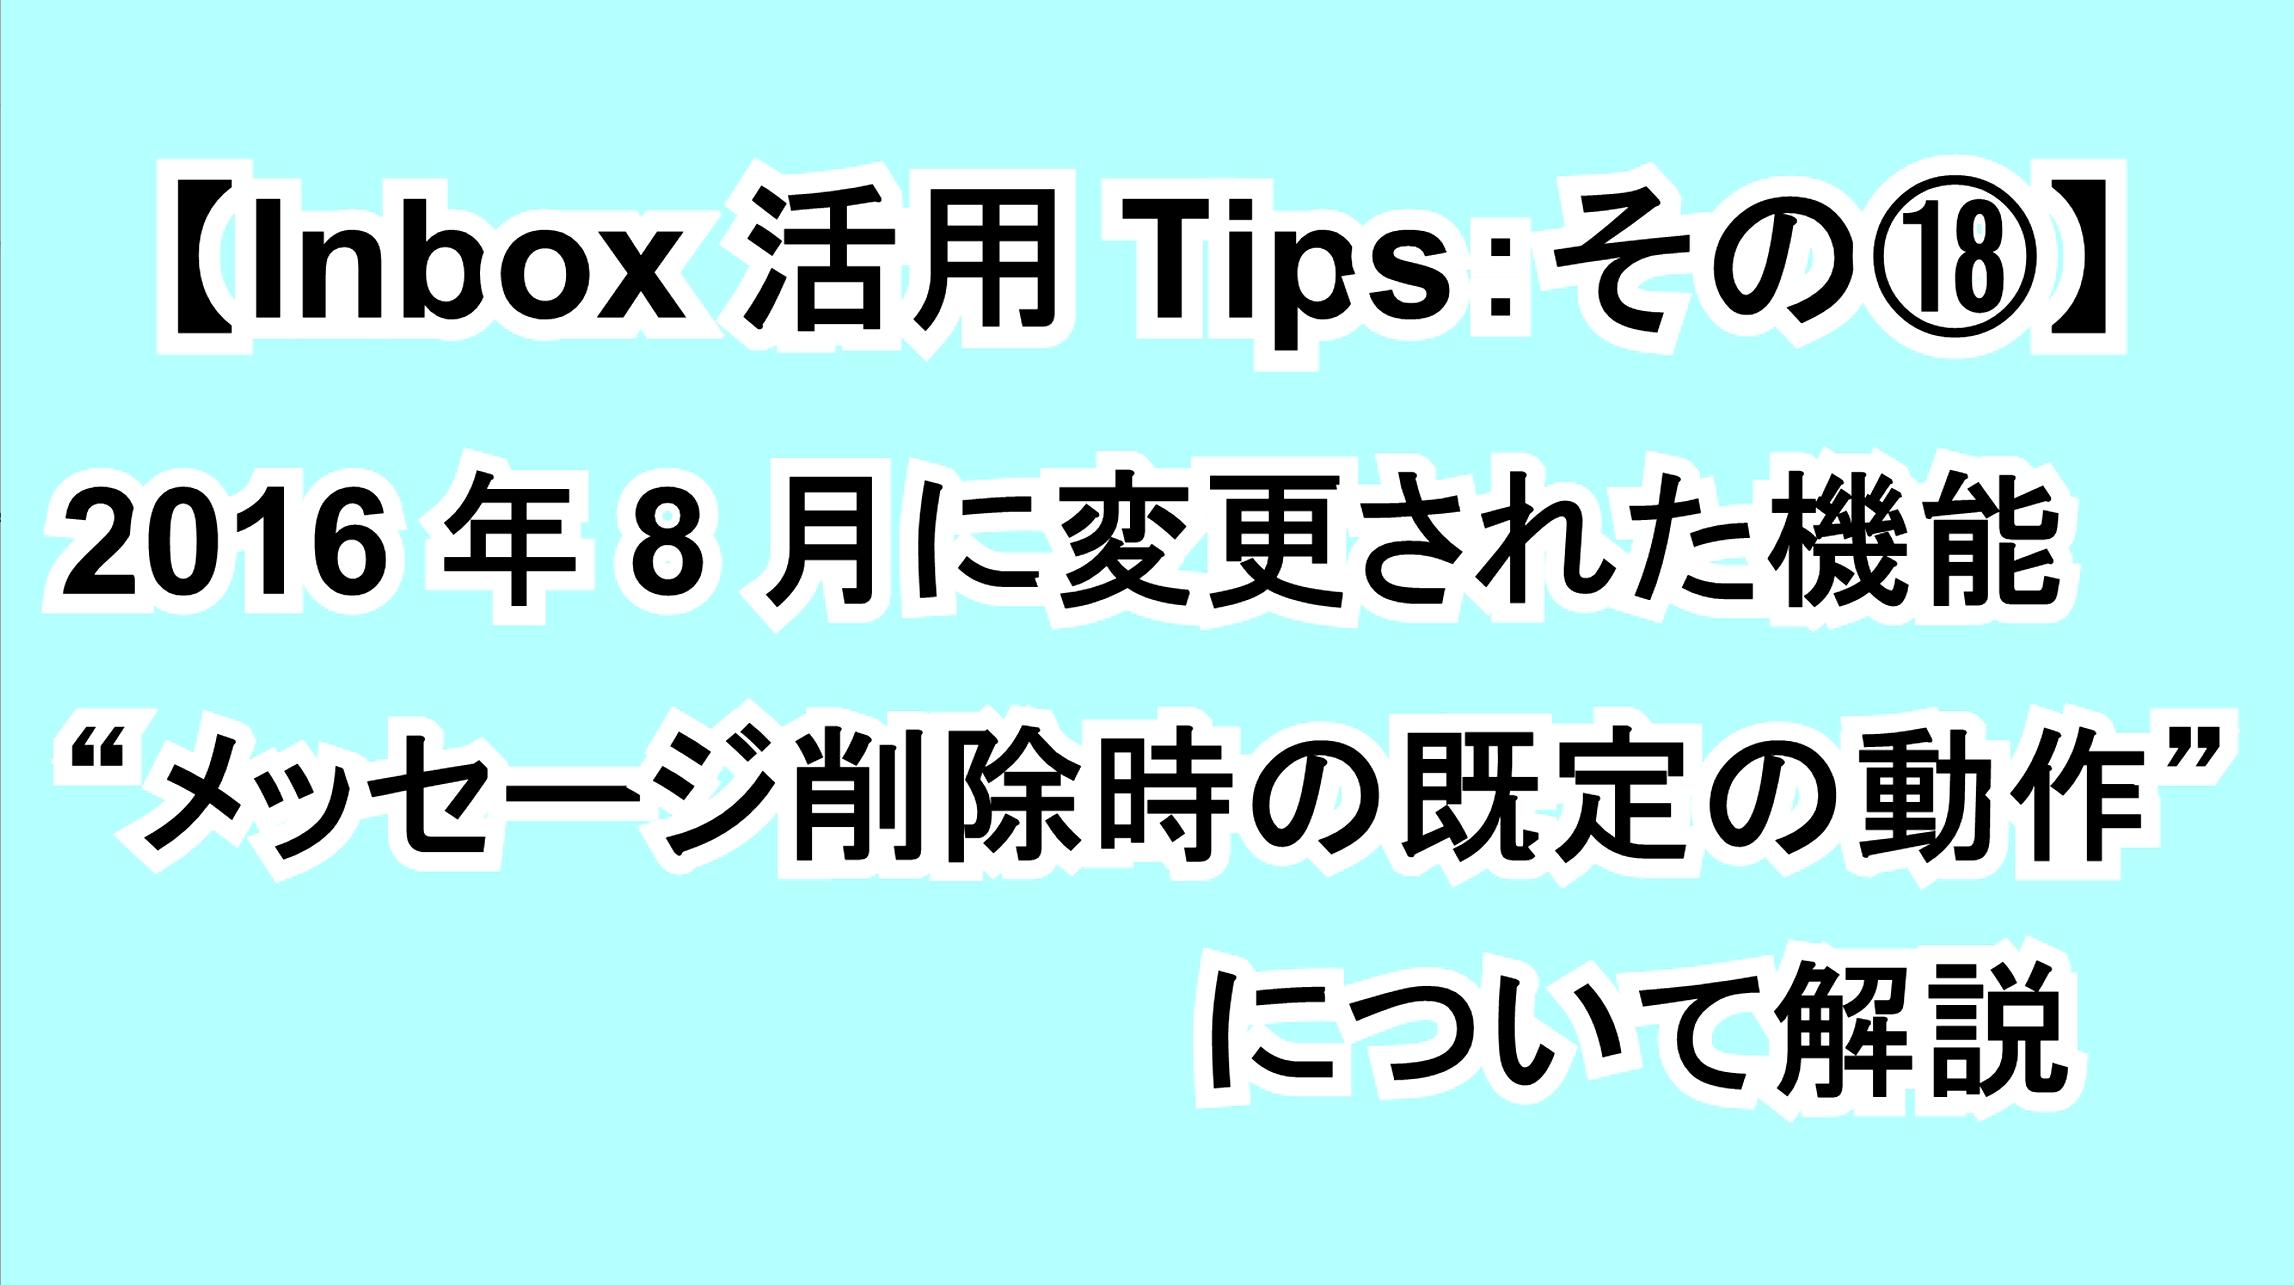 """【Inbox活用Tips:その⑱】2016年8月に変更された機能""""メッセージ削除時の既定の動作""""について解説"""